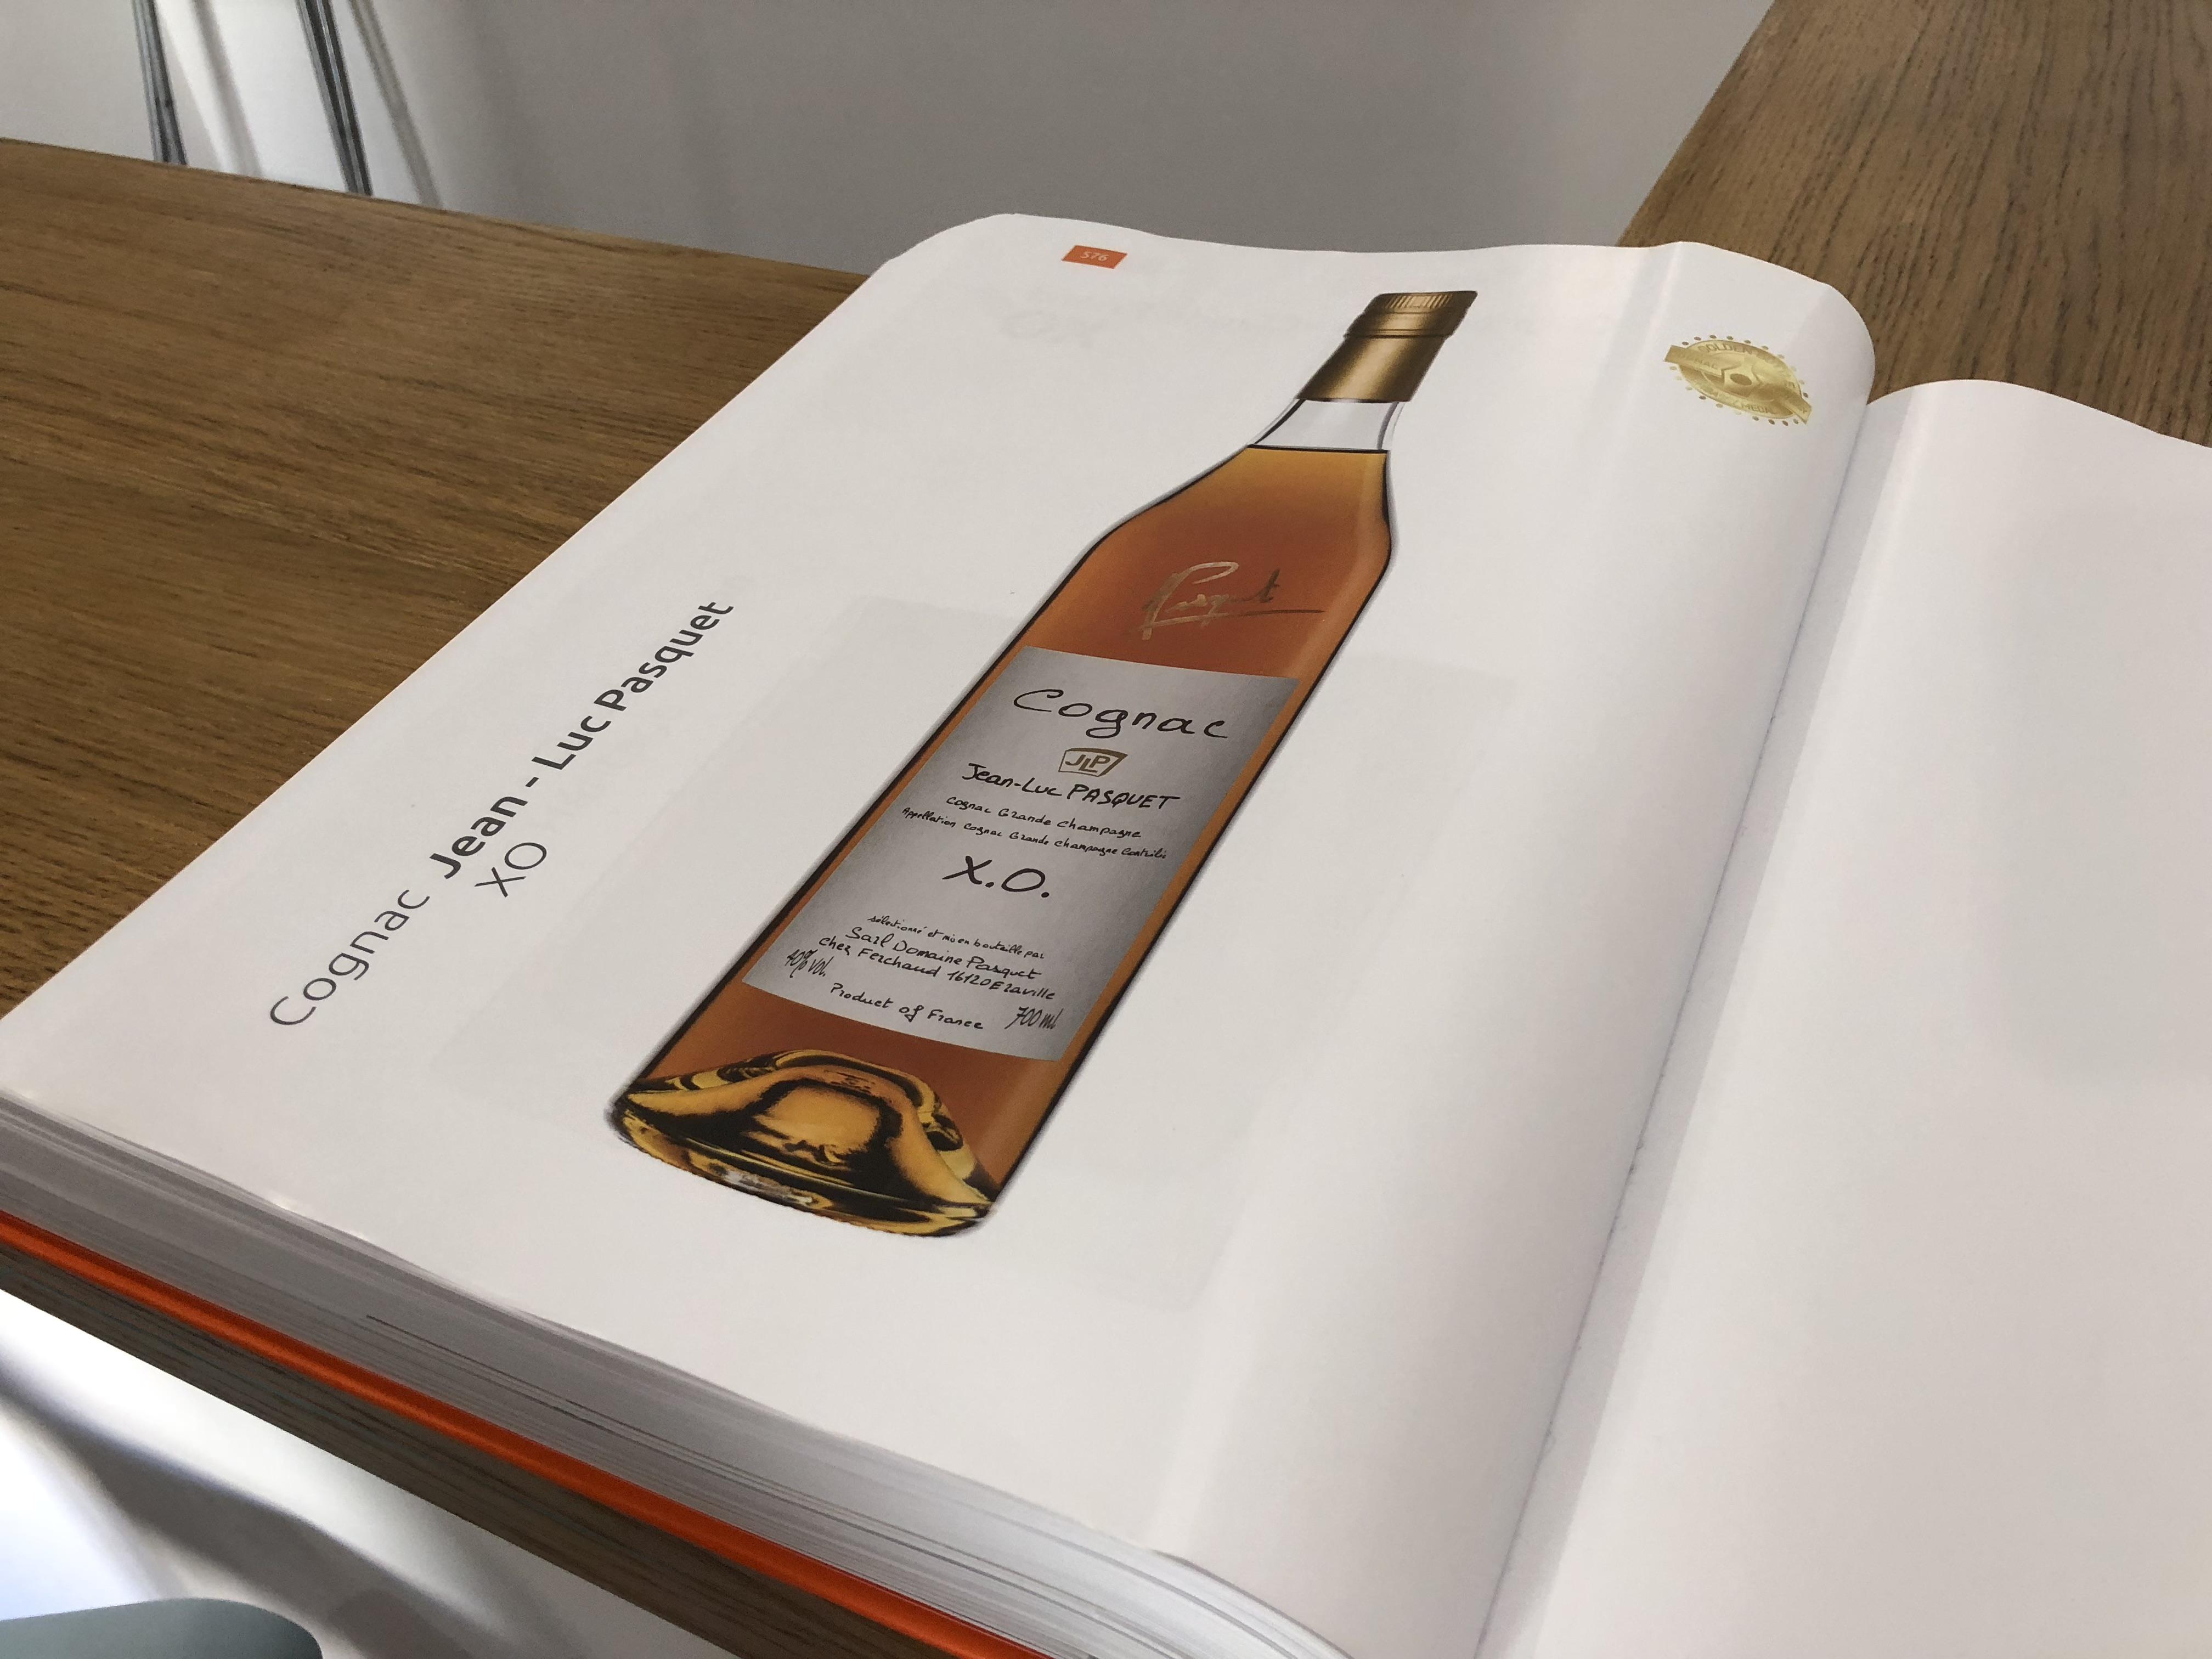 livingincognac Cognacs Jean-Luc Pasquet